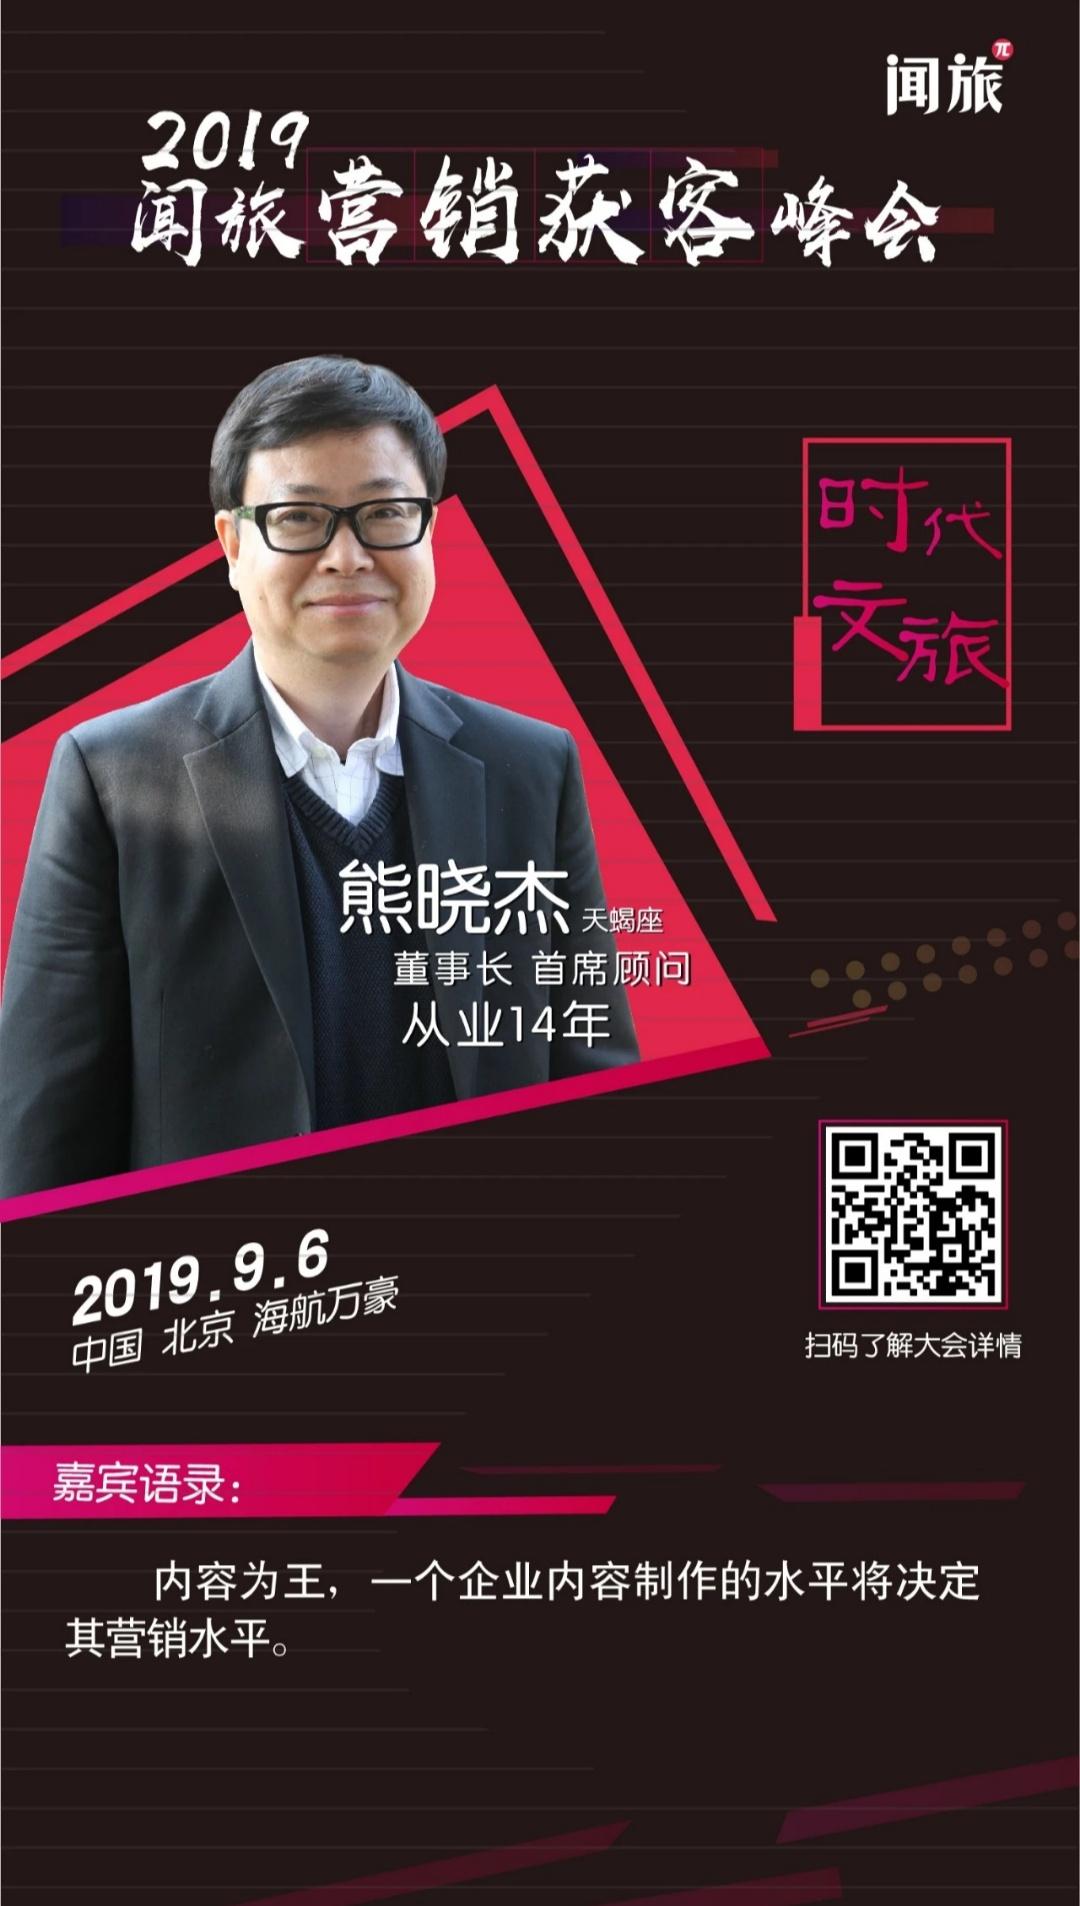 Screenshot_2019-08-07-15-25-51-623_com.tencent.mm.png